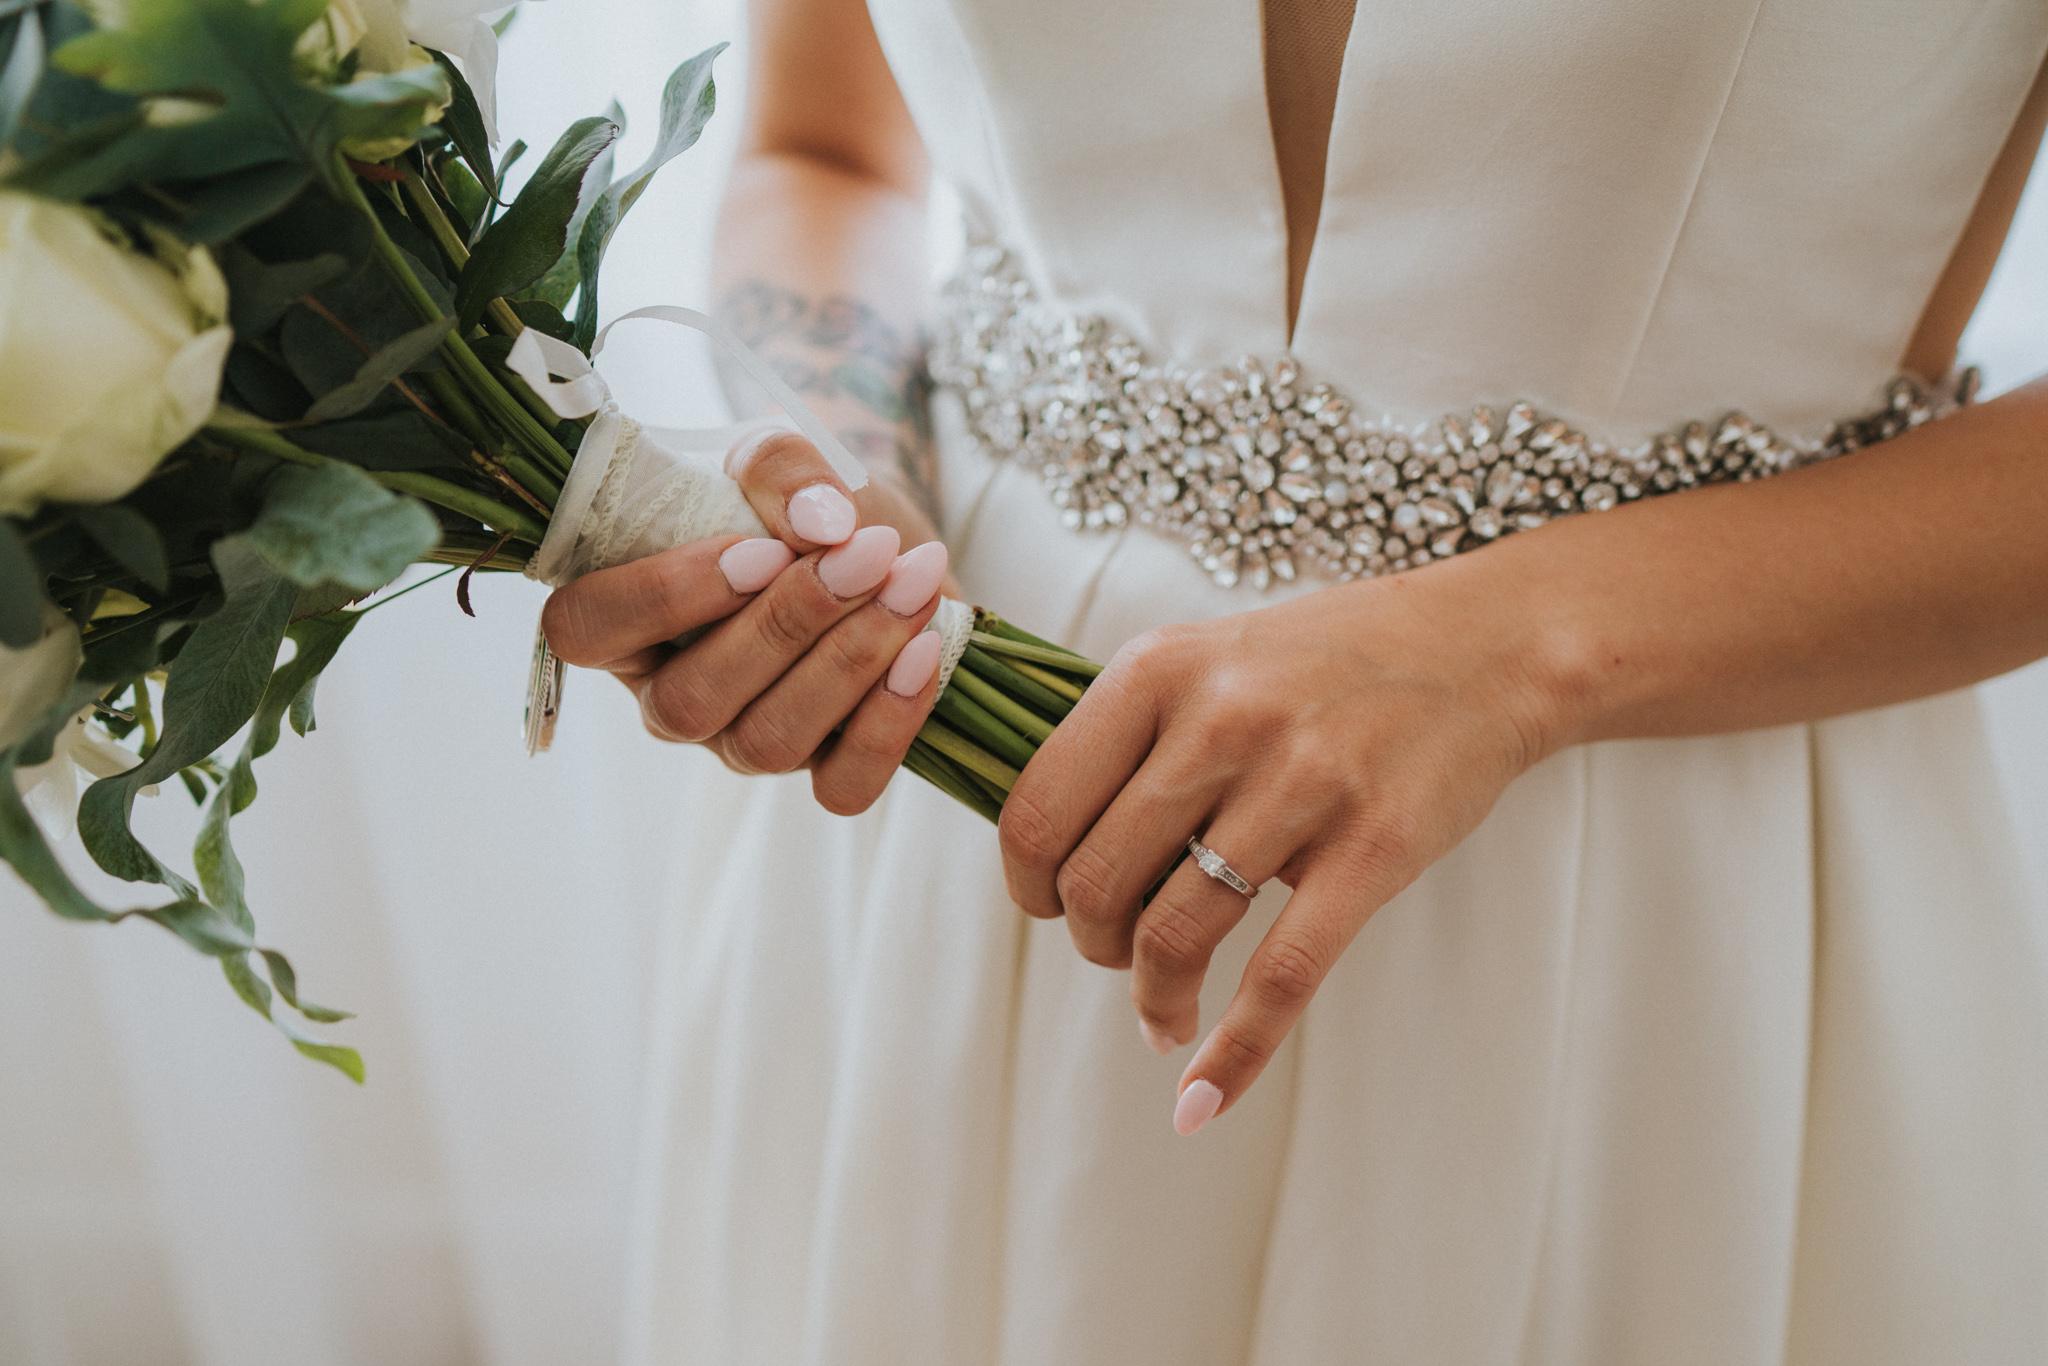 tess-adam-colchester-intimate-elopement-grace-elizabeth-colchester-essex-alternative-wedding-lifestyle-photographer-essex-suffolk-norfolk-devon (8 of 20).jpg